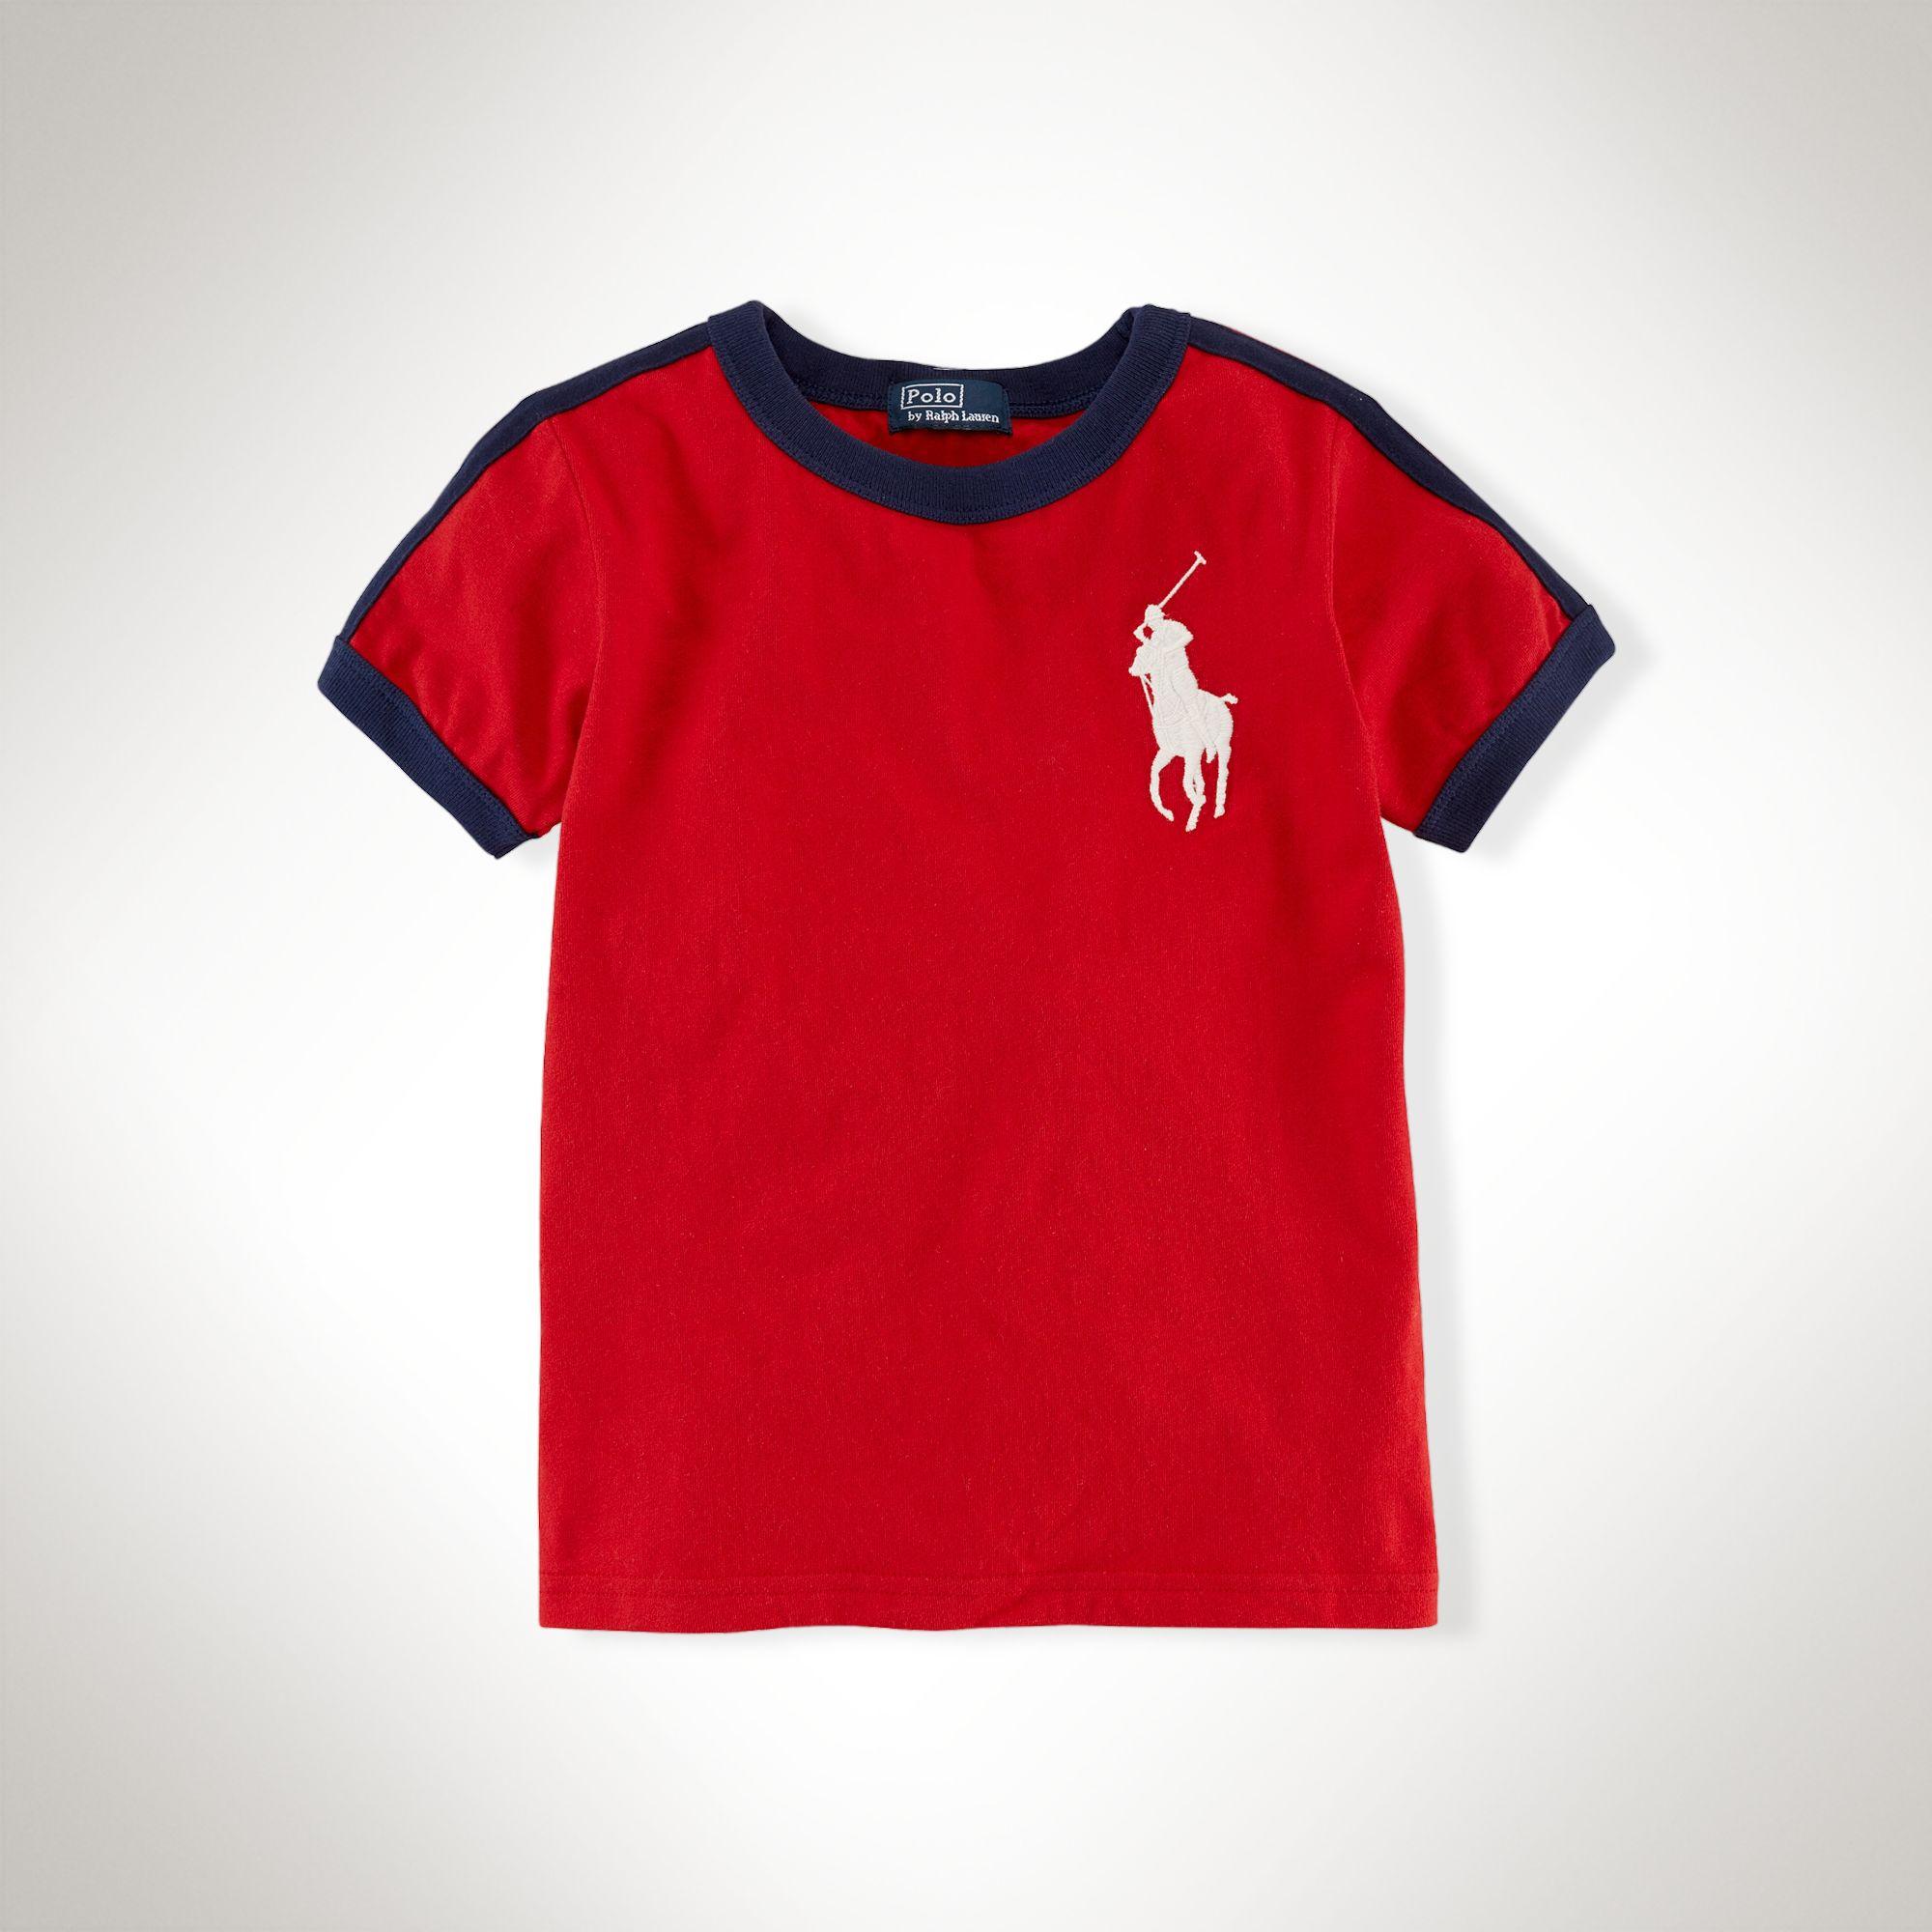 美國百分百【全新真品】Ralph Lauren T恤 男衣 RL 短袖 深紅 上衣 T-shirt Polo 大馬 XS S號 E101